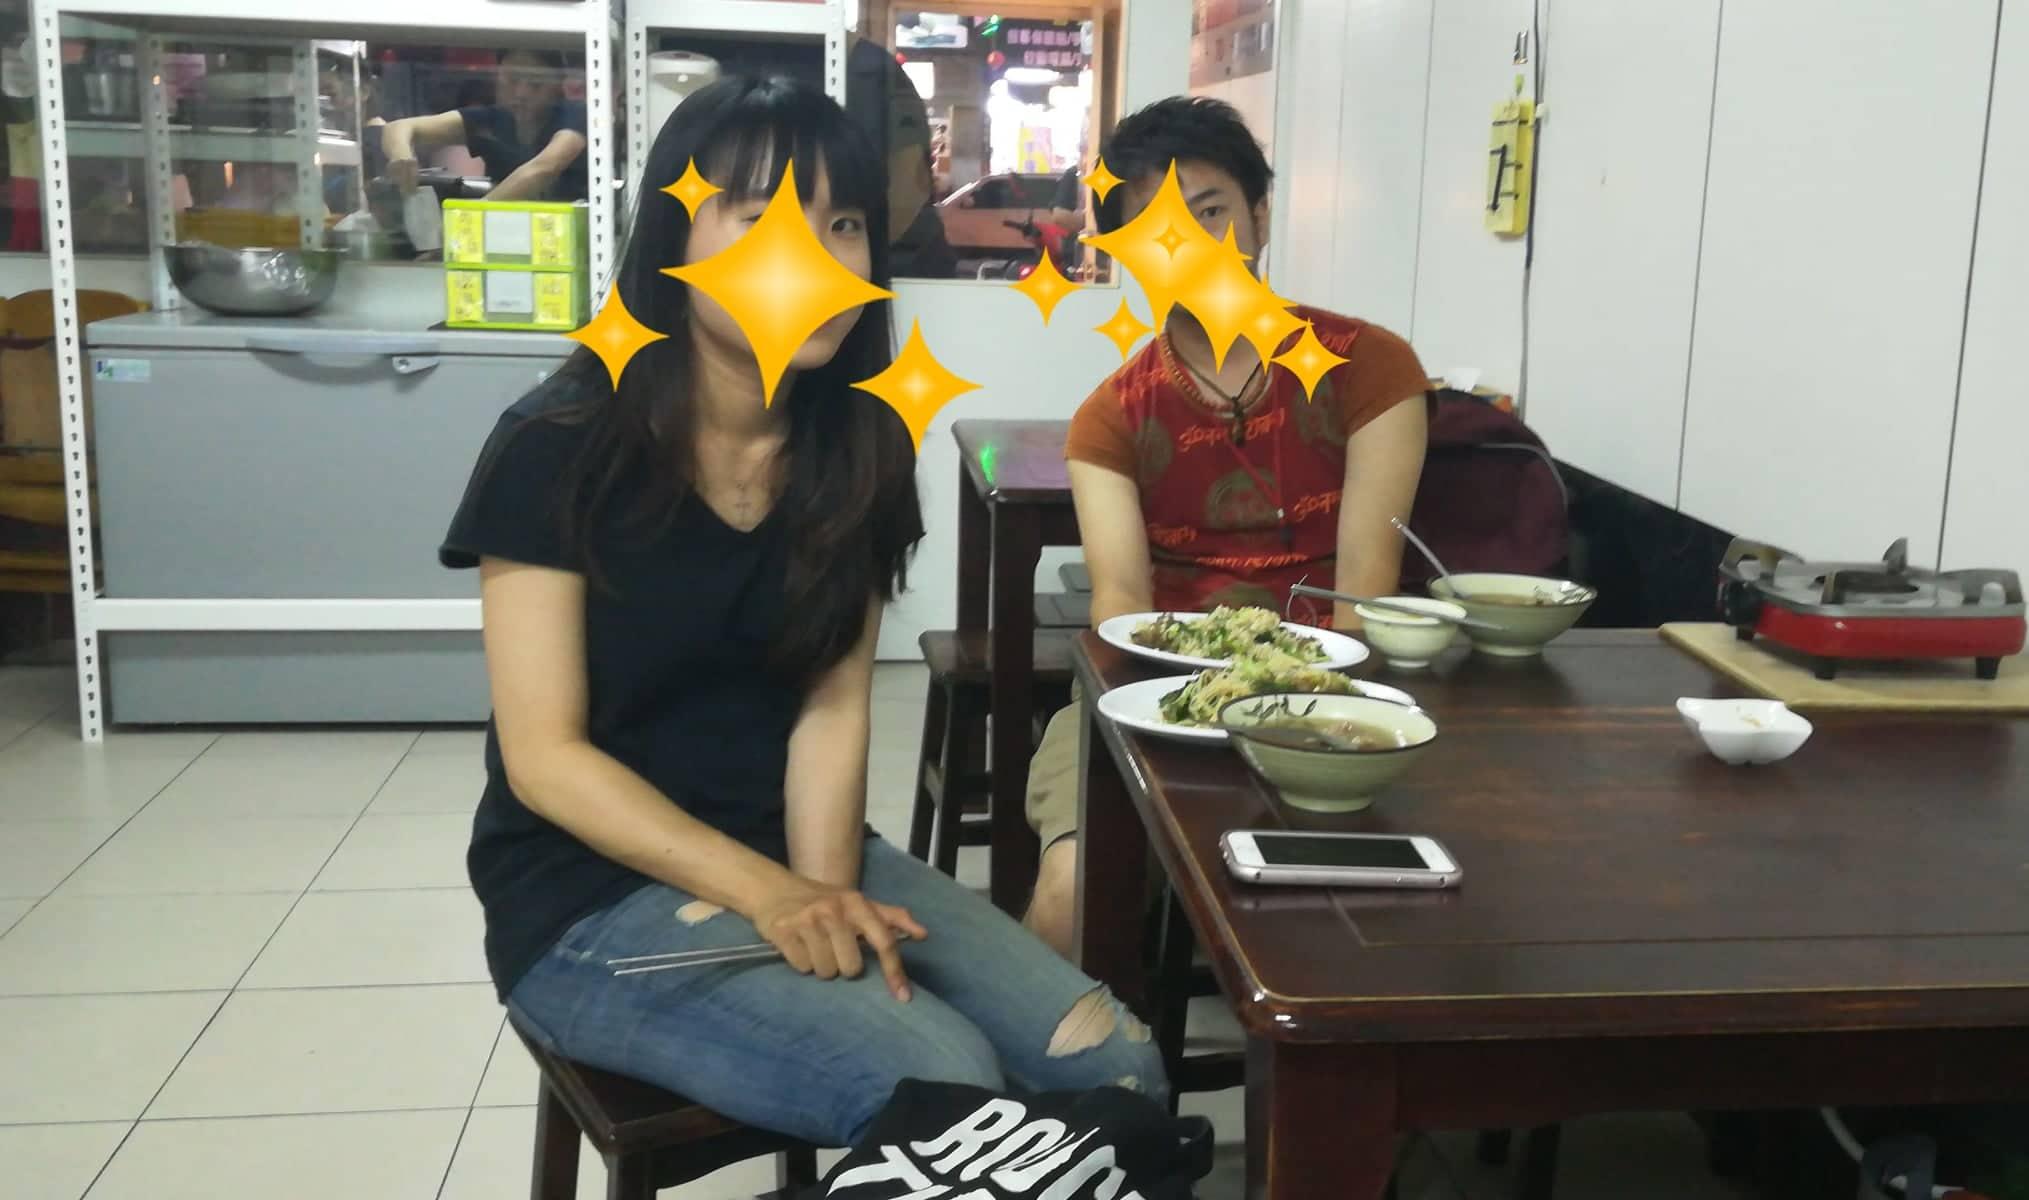 台湾美人とベトナムでデートしてみた・マッチングアプリの経験談を紹介